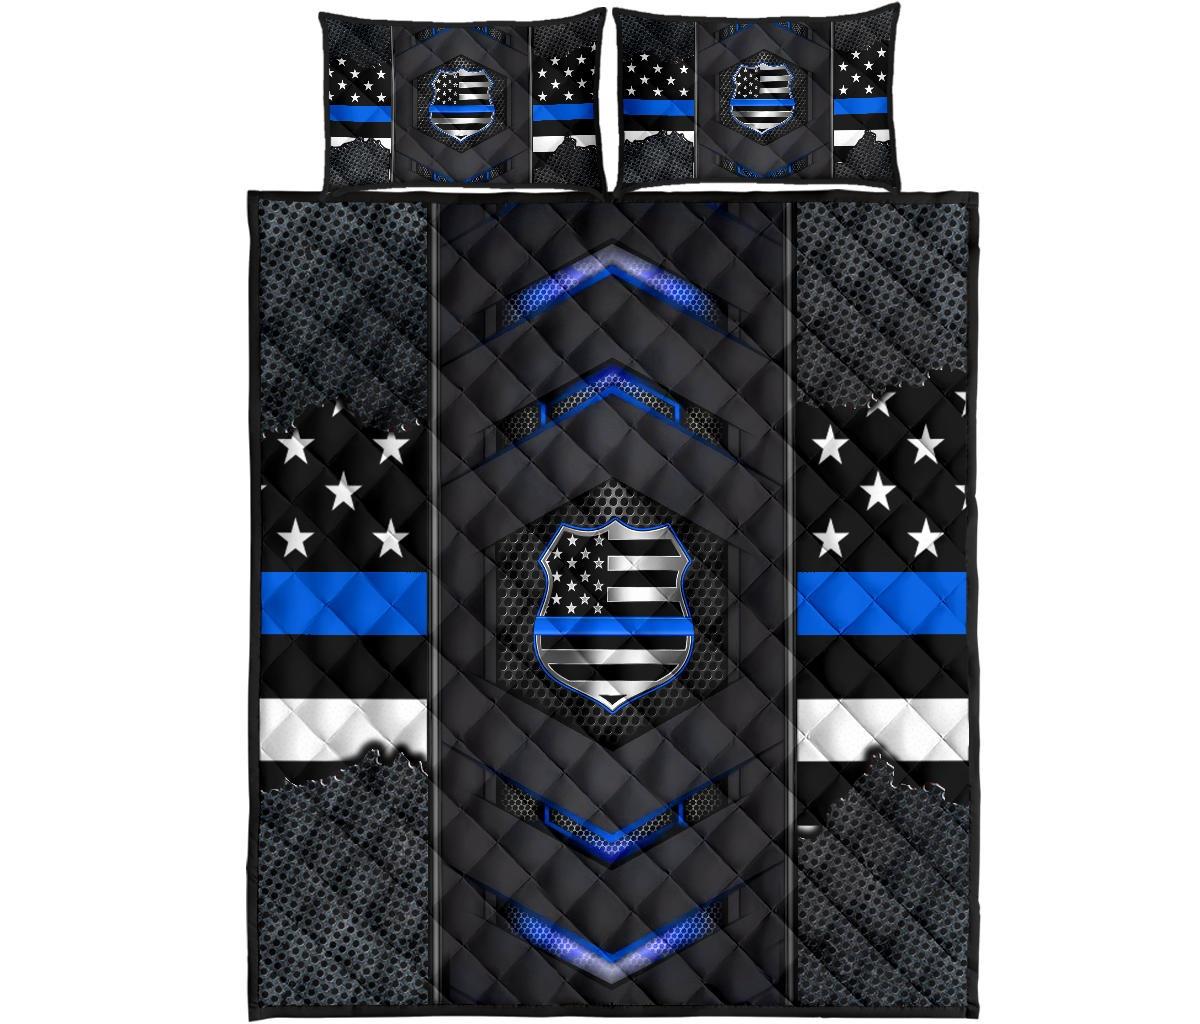 Blue US flag bedding set 11